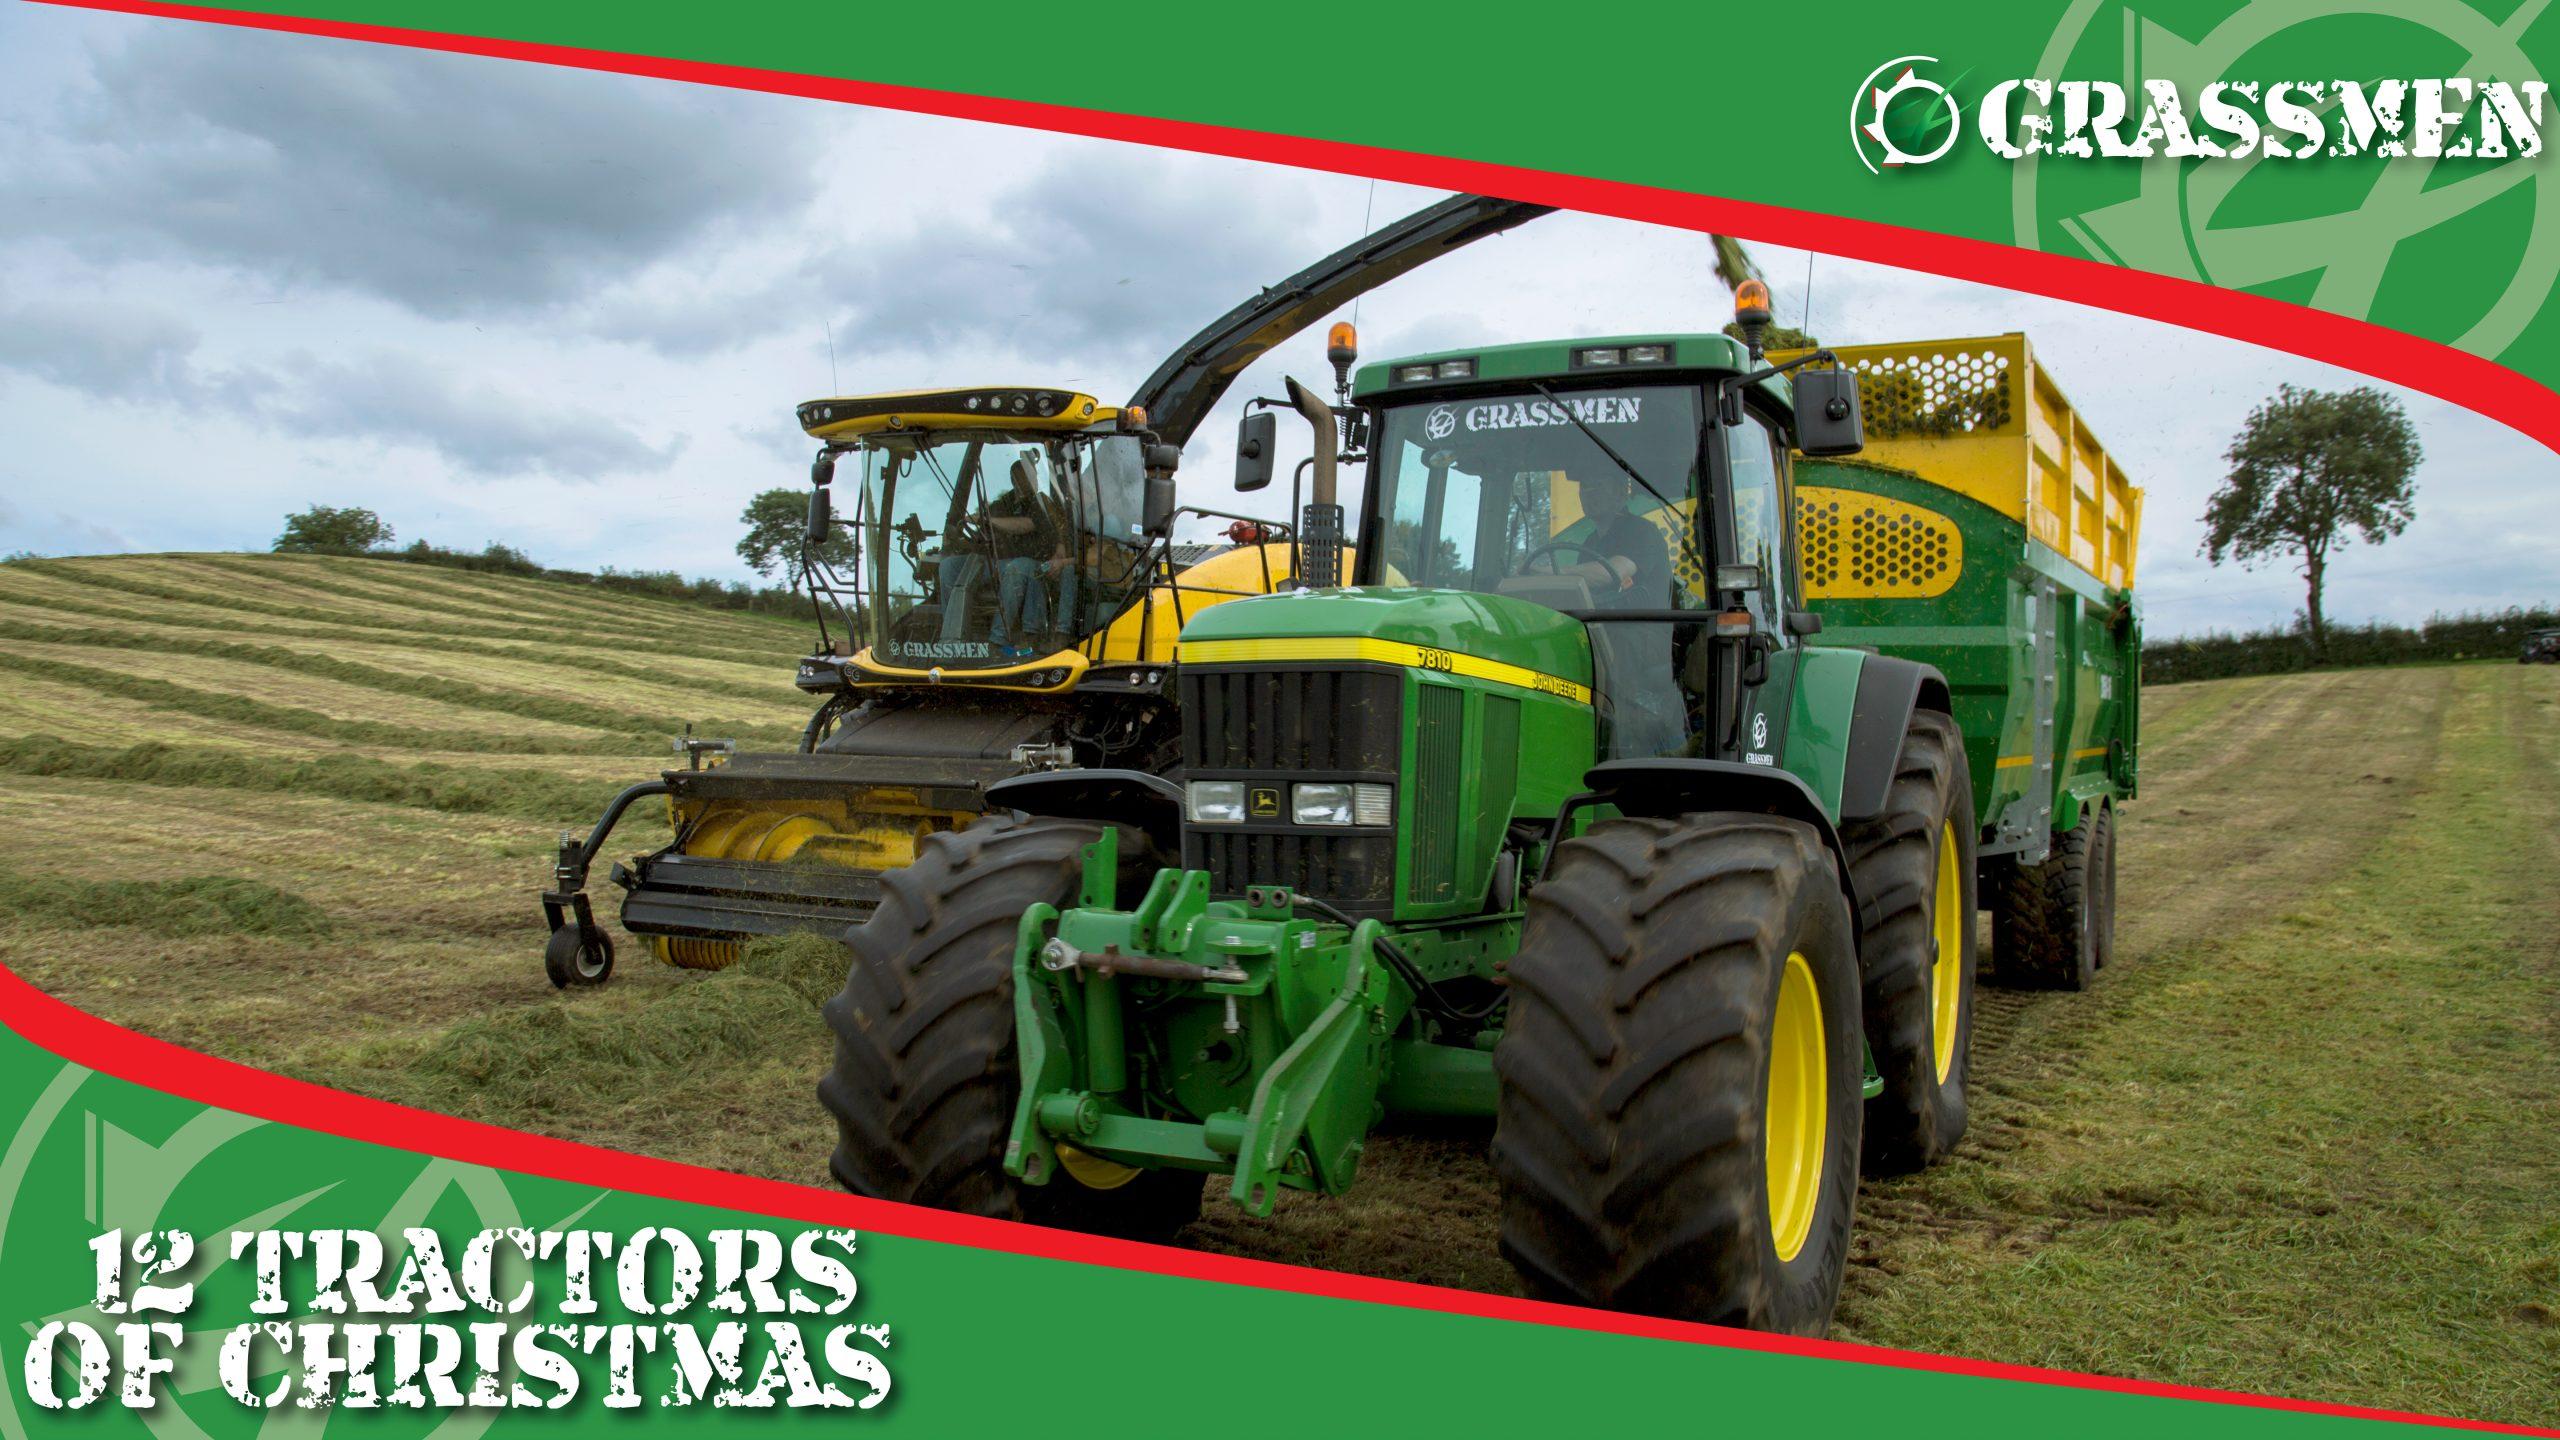 JOHN DEERE 7810 - 12 Tractors of Christmas